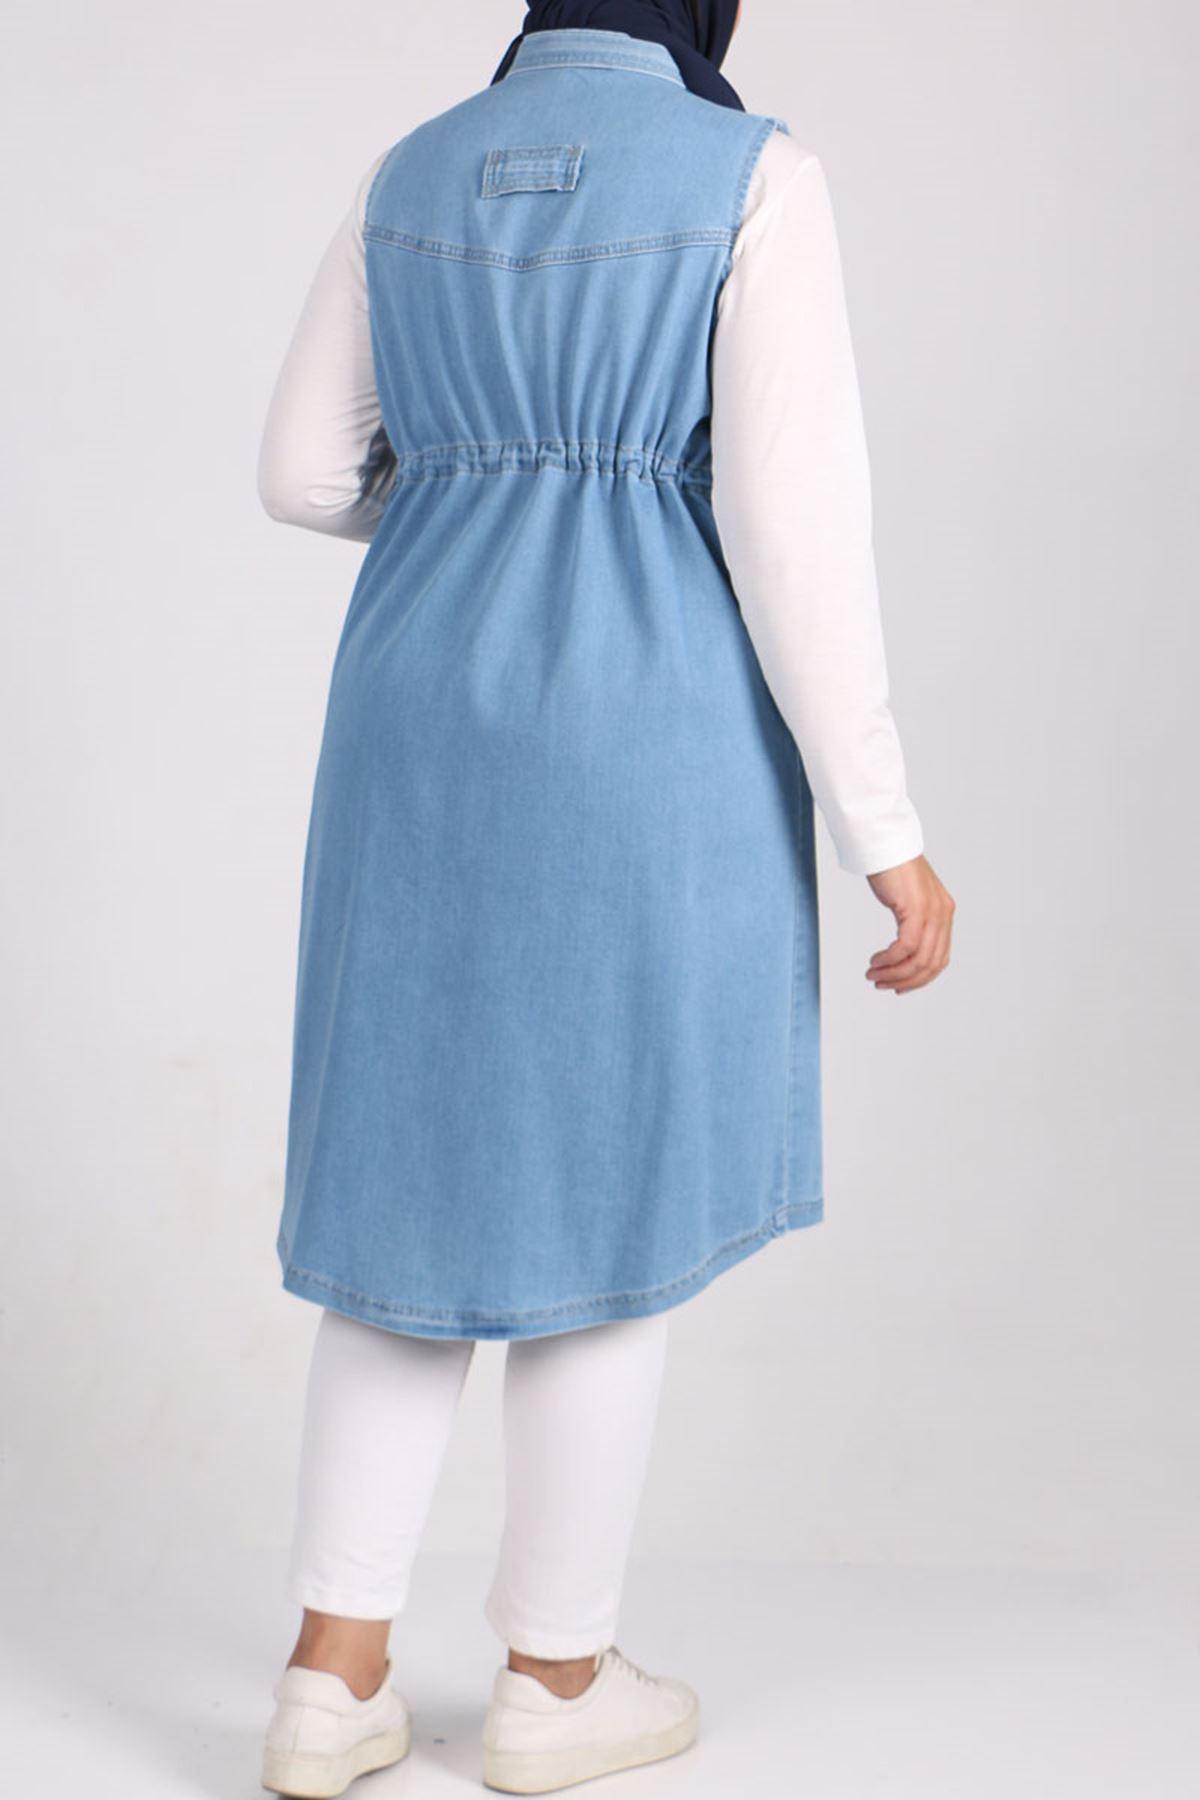 4054-1 Büyük Beden Fermuarlı-Tırnaklı Kot Yelek - Buz Mavi